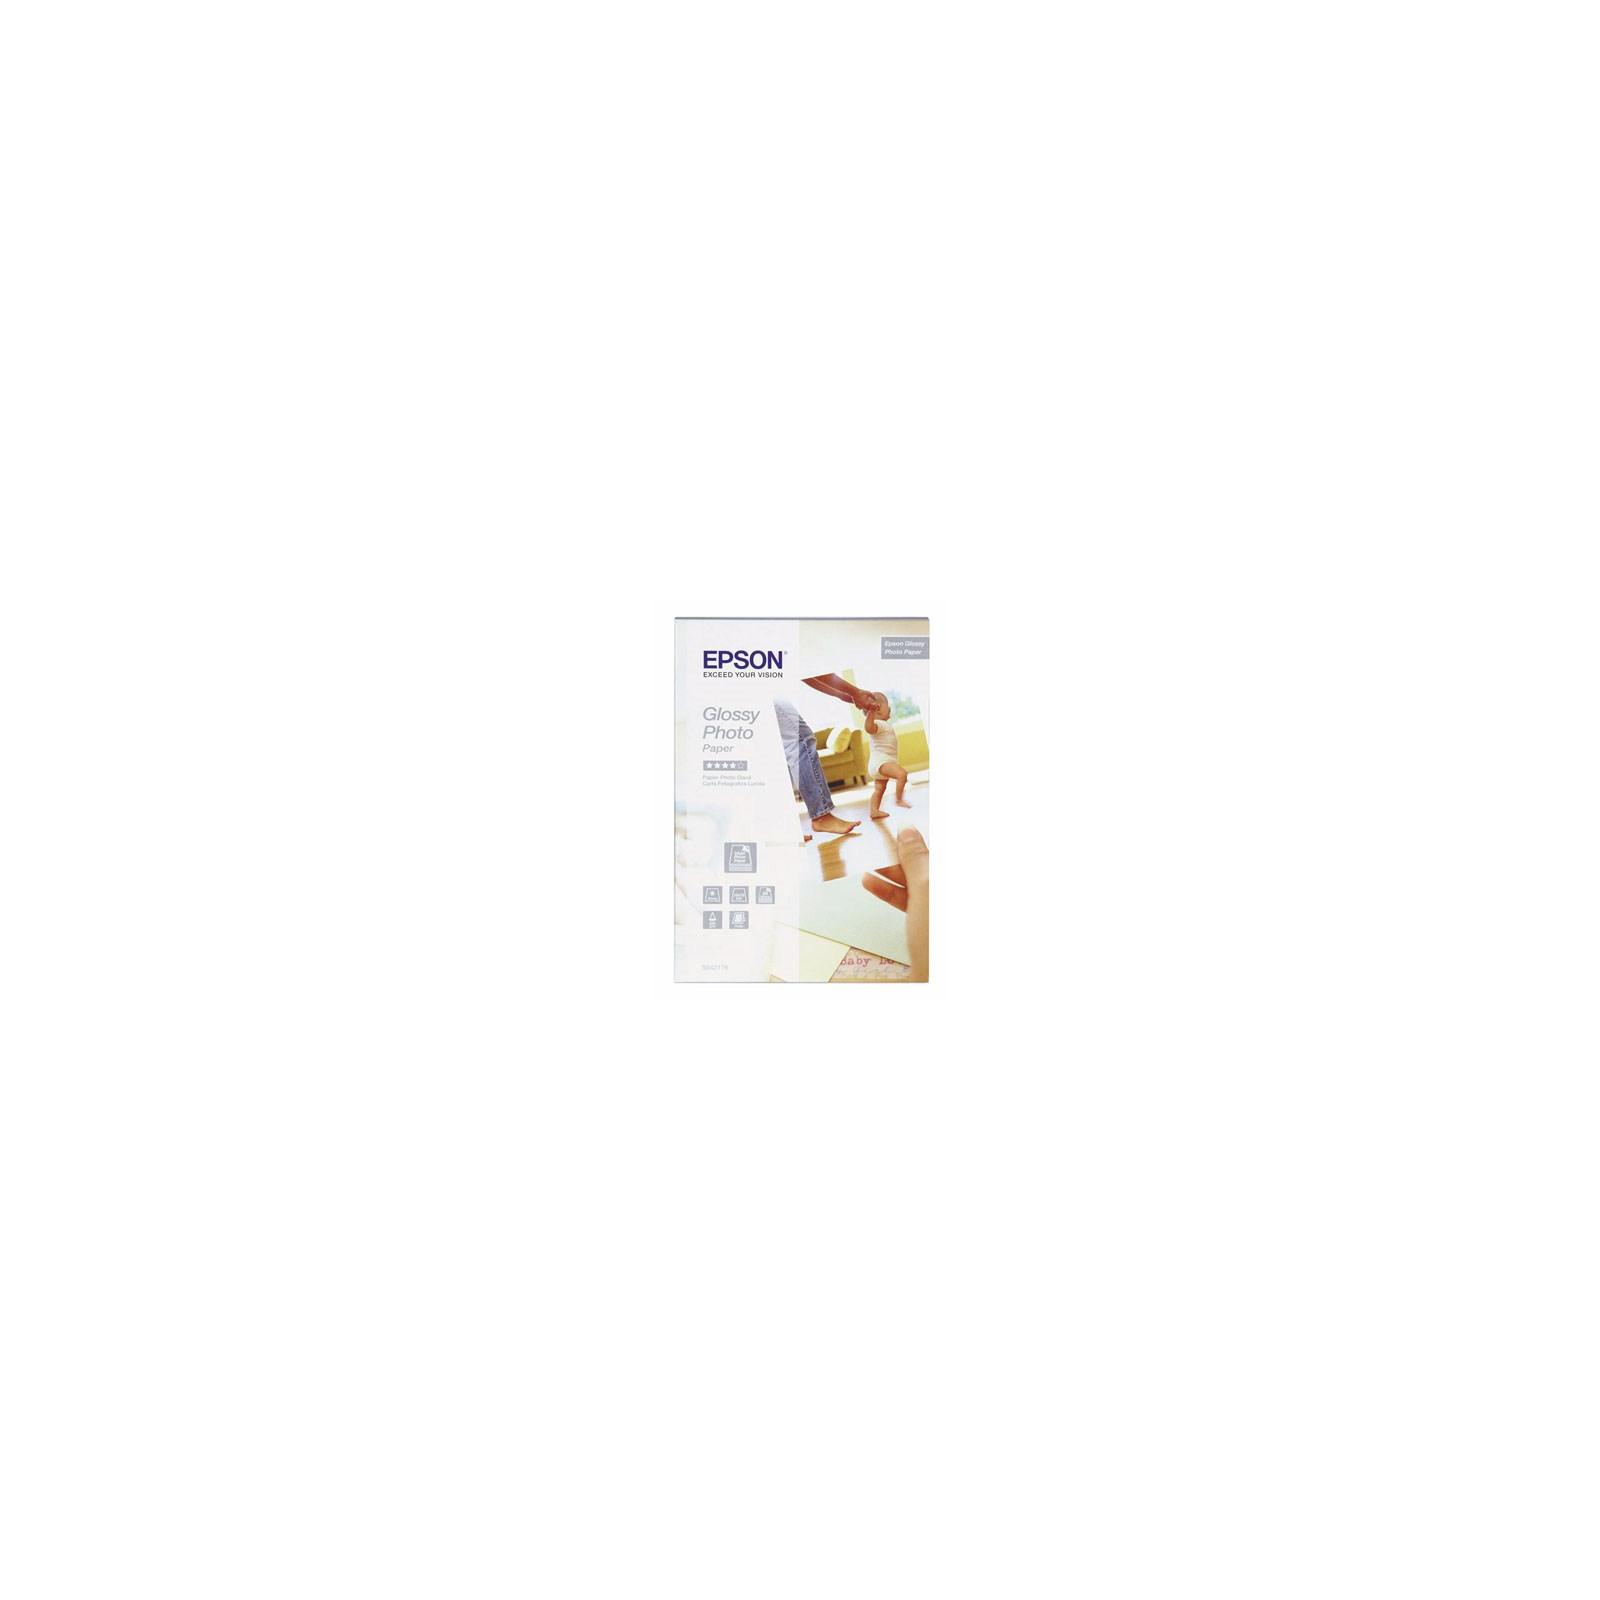 Бумага EPSON 10х15 Glossy Photo (C13S042176)